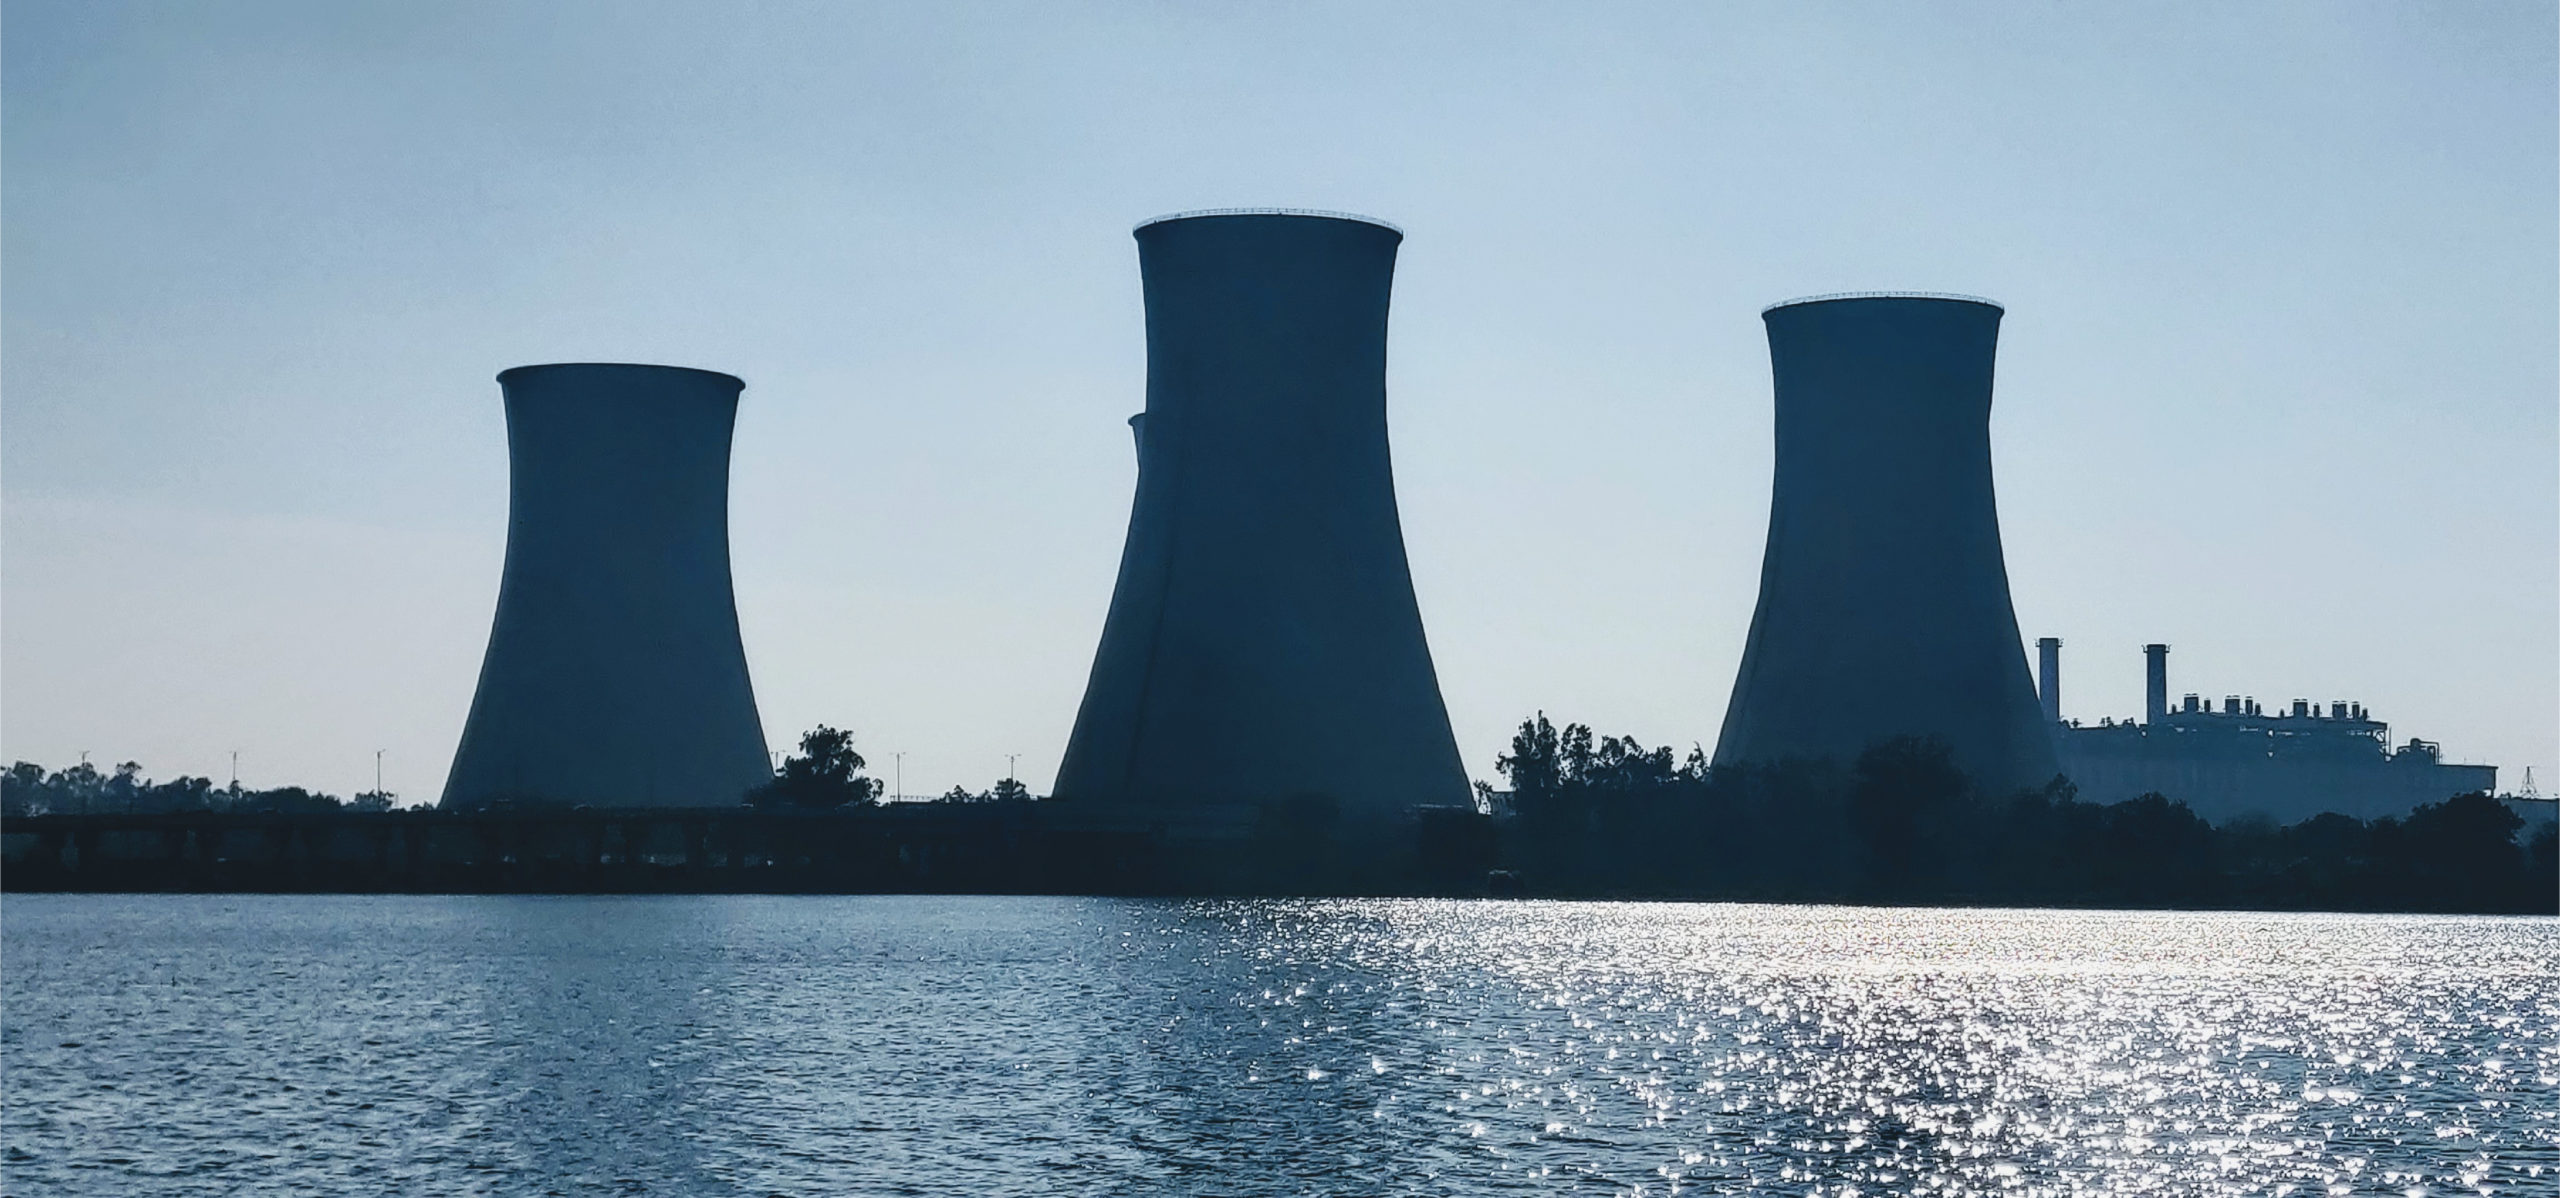 Sin energía nuclear no se frenará el cambio climático, advierte la ONU